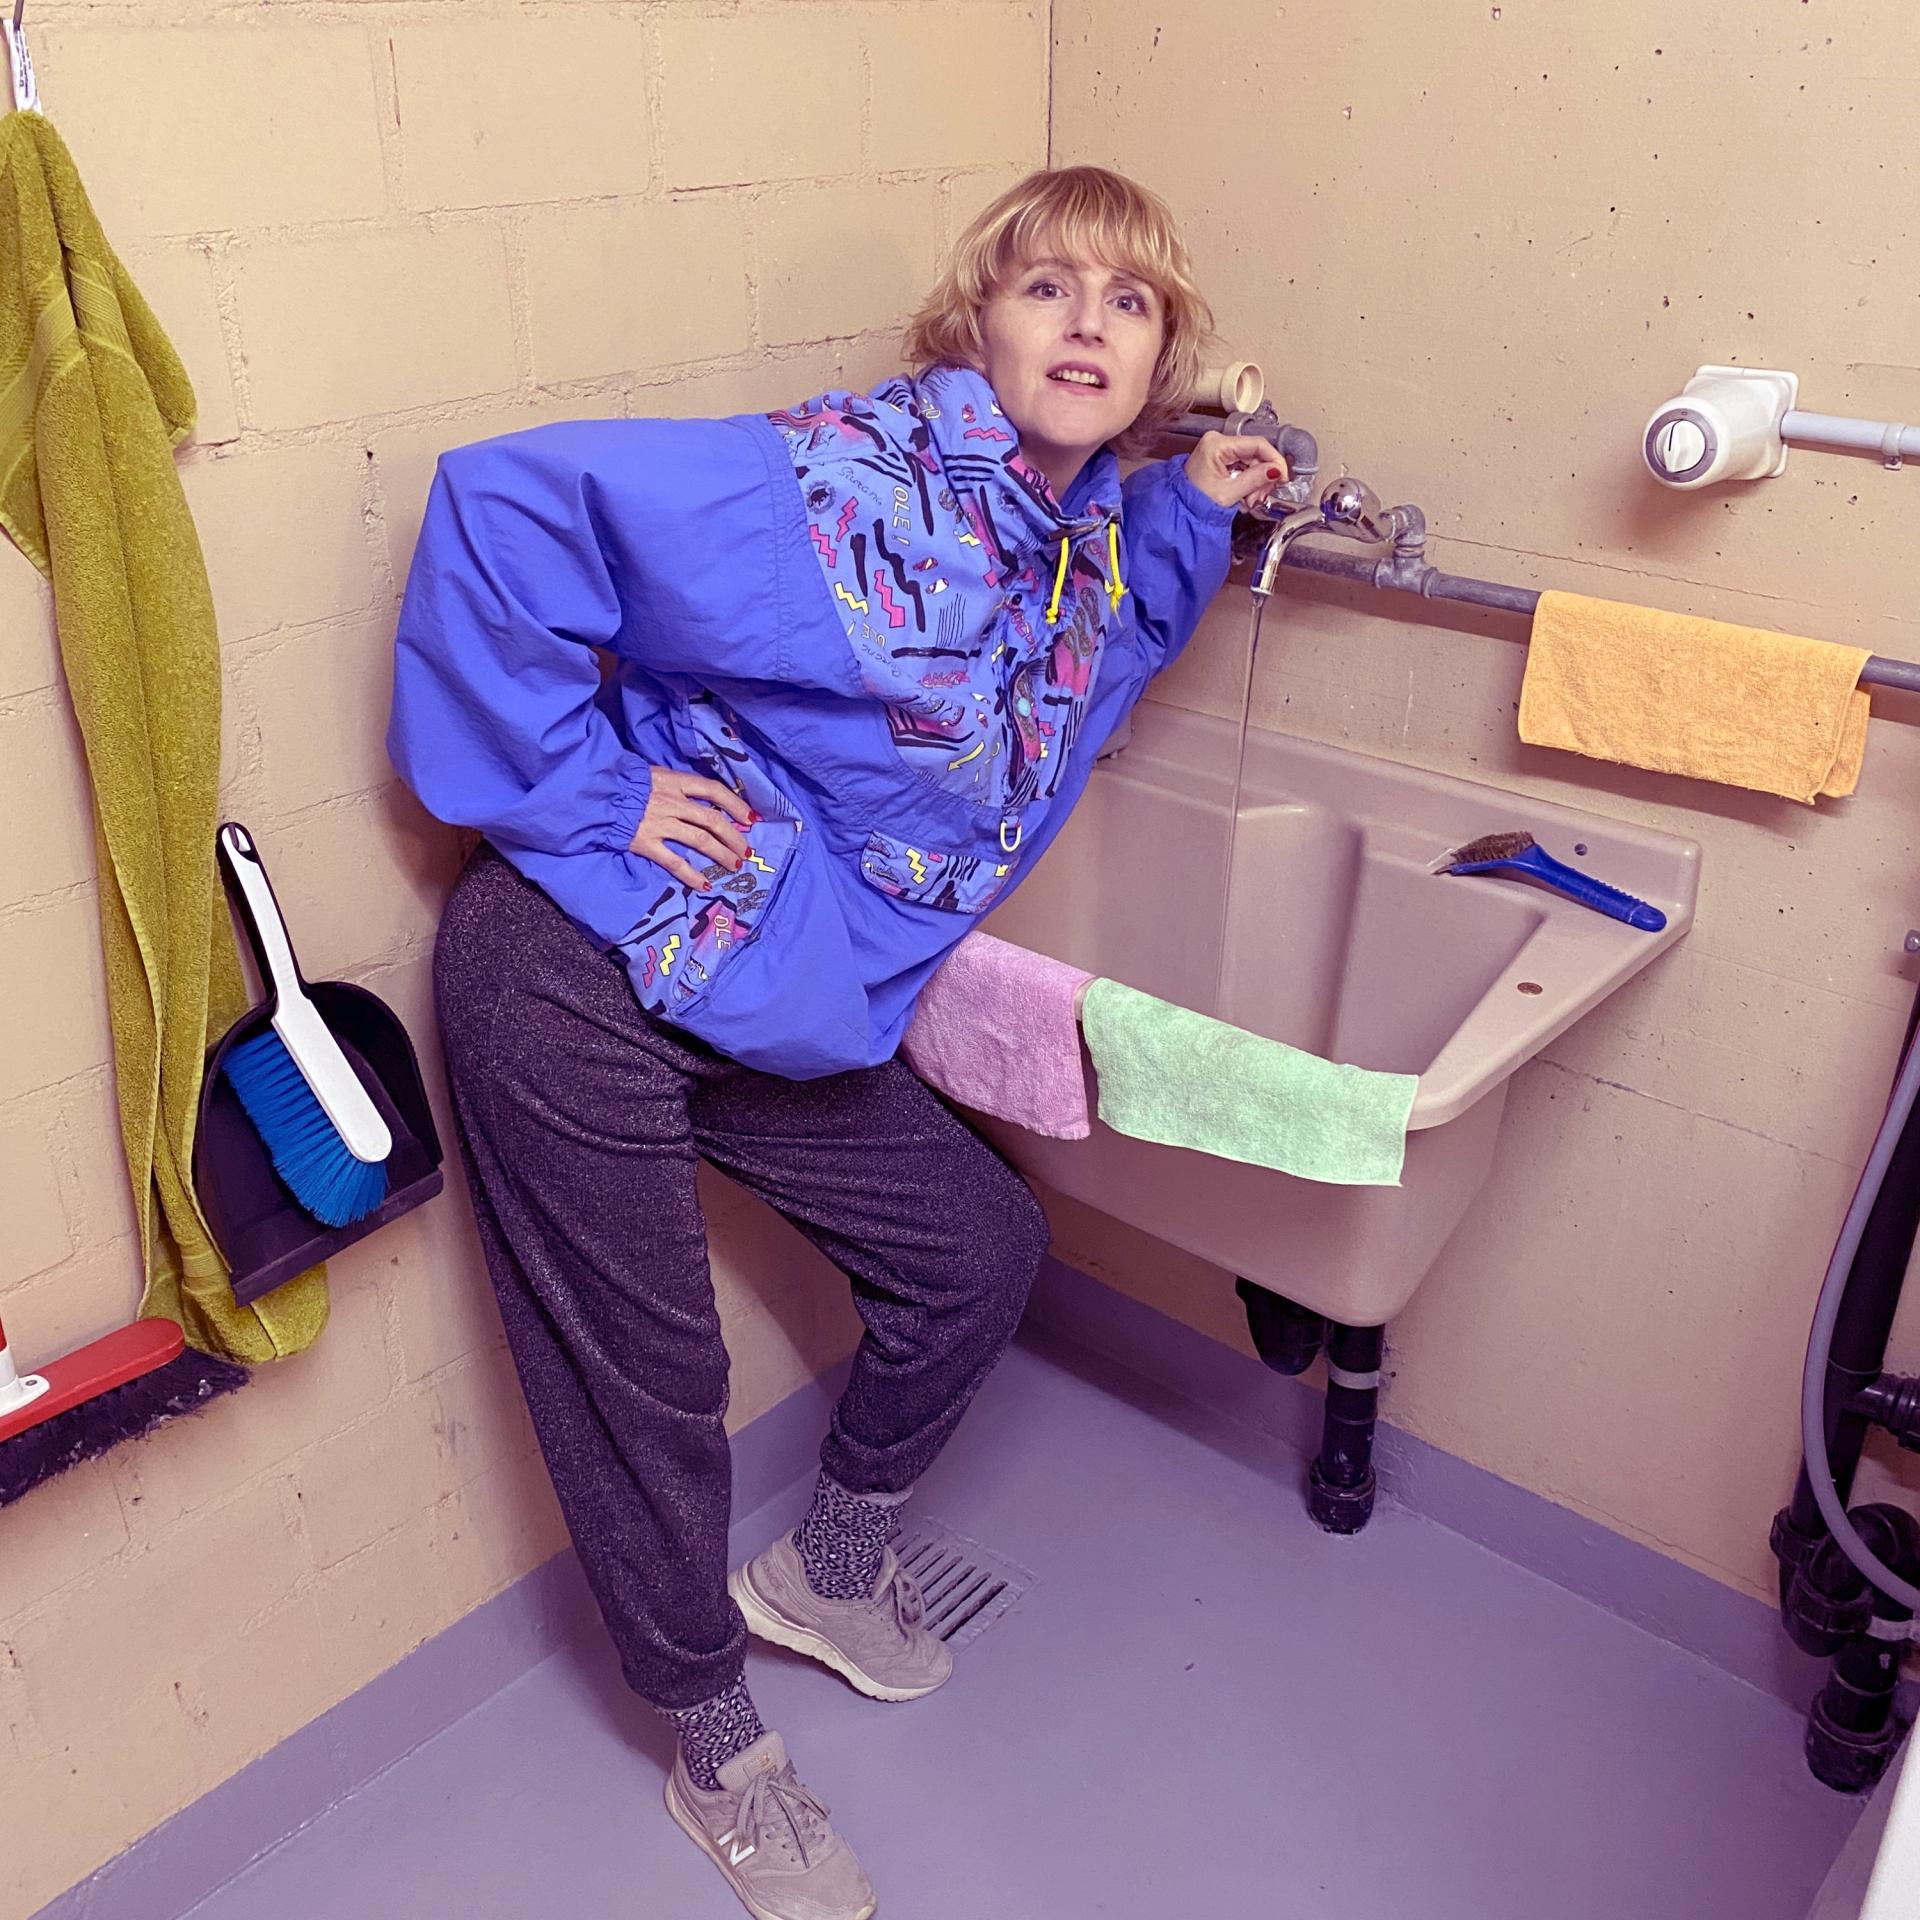 Die Berner Musikerin Helenka goes Underground - in die Waschküche